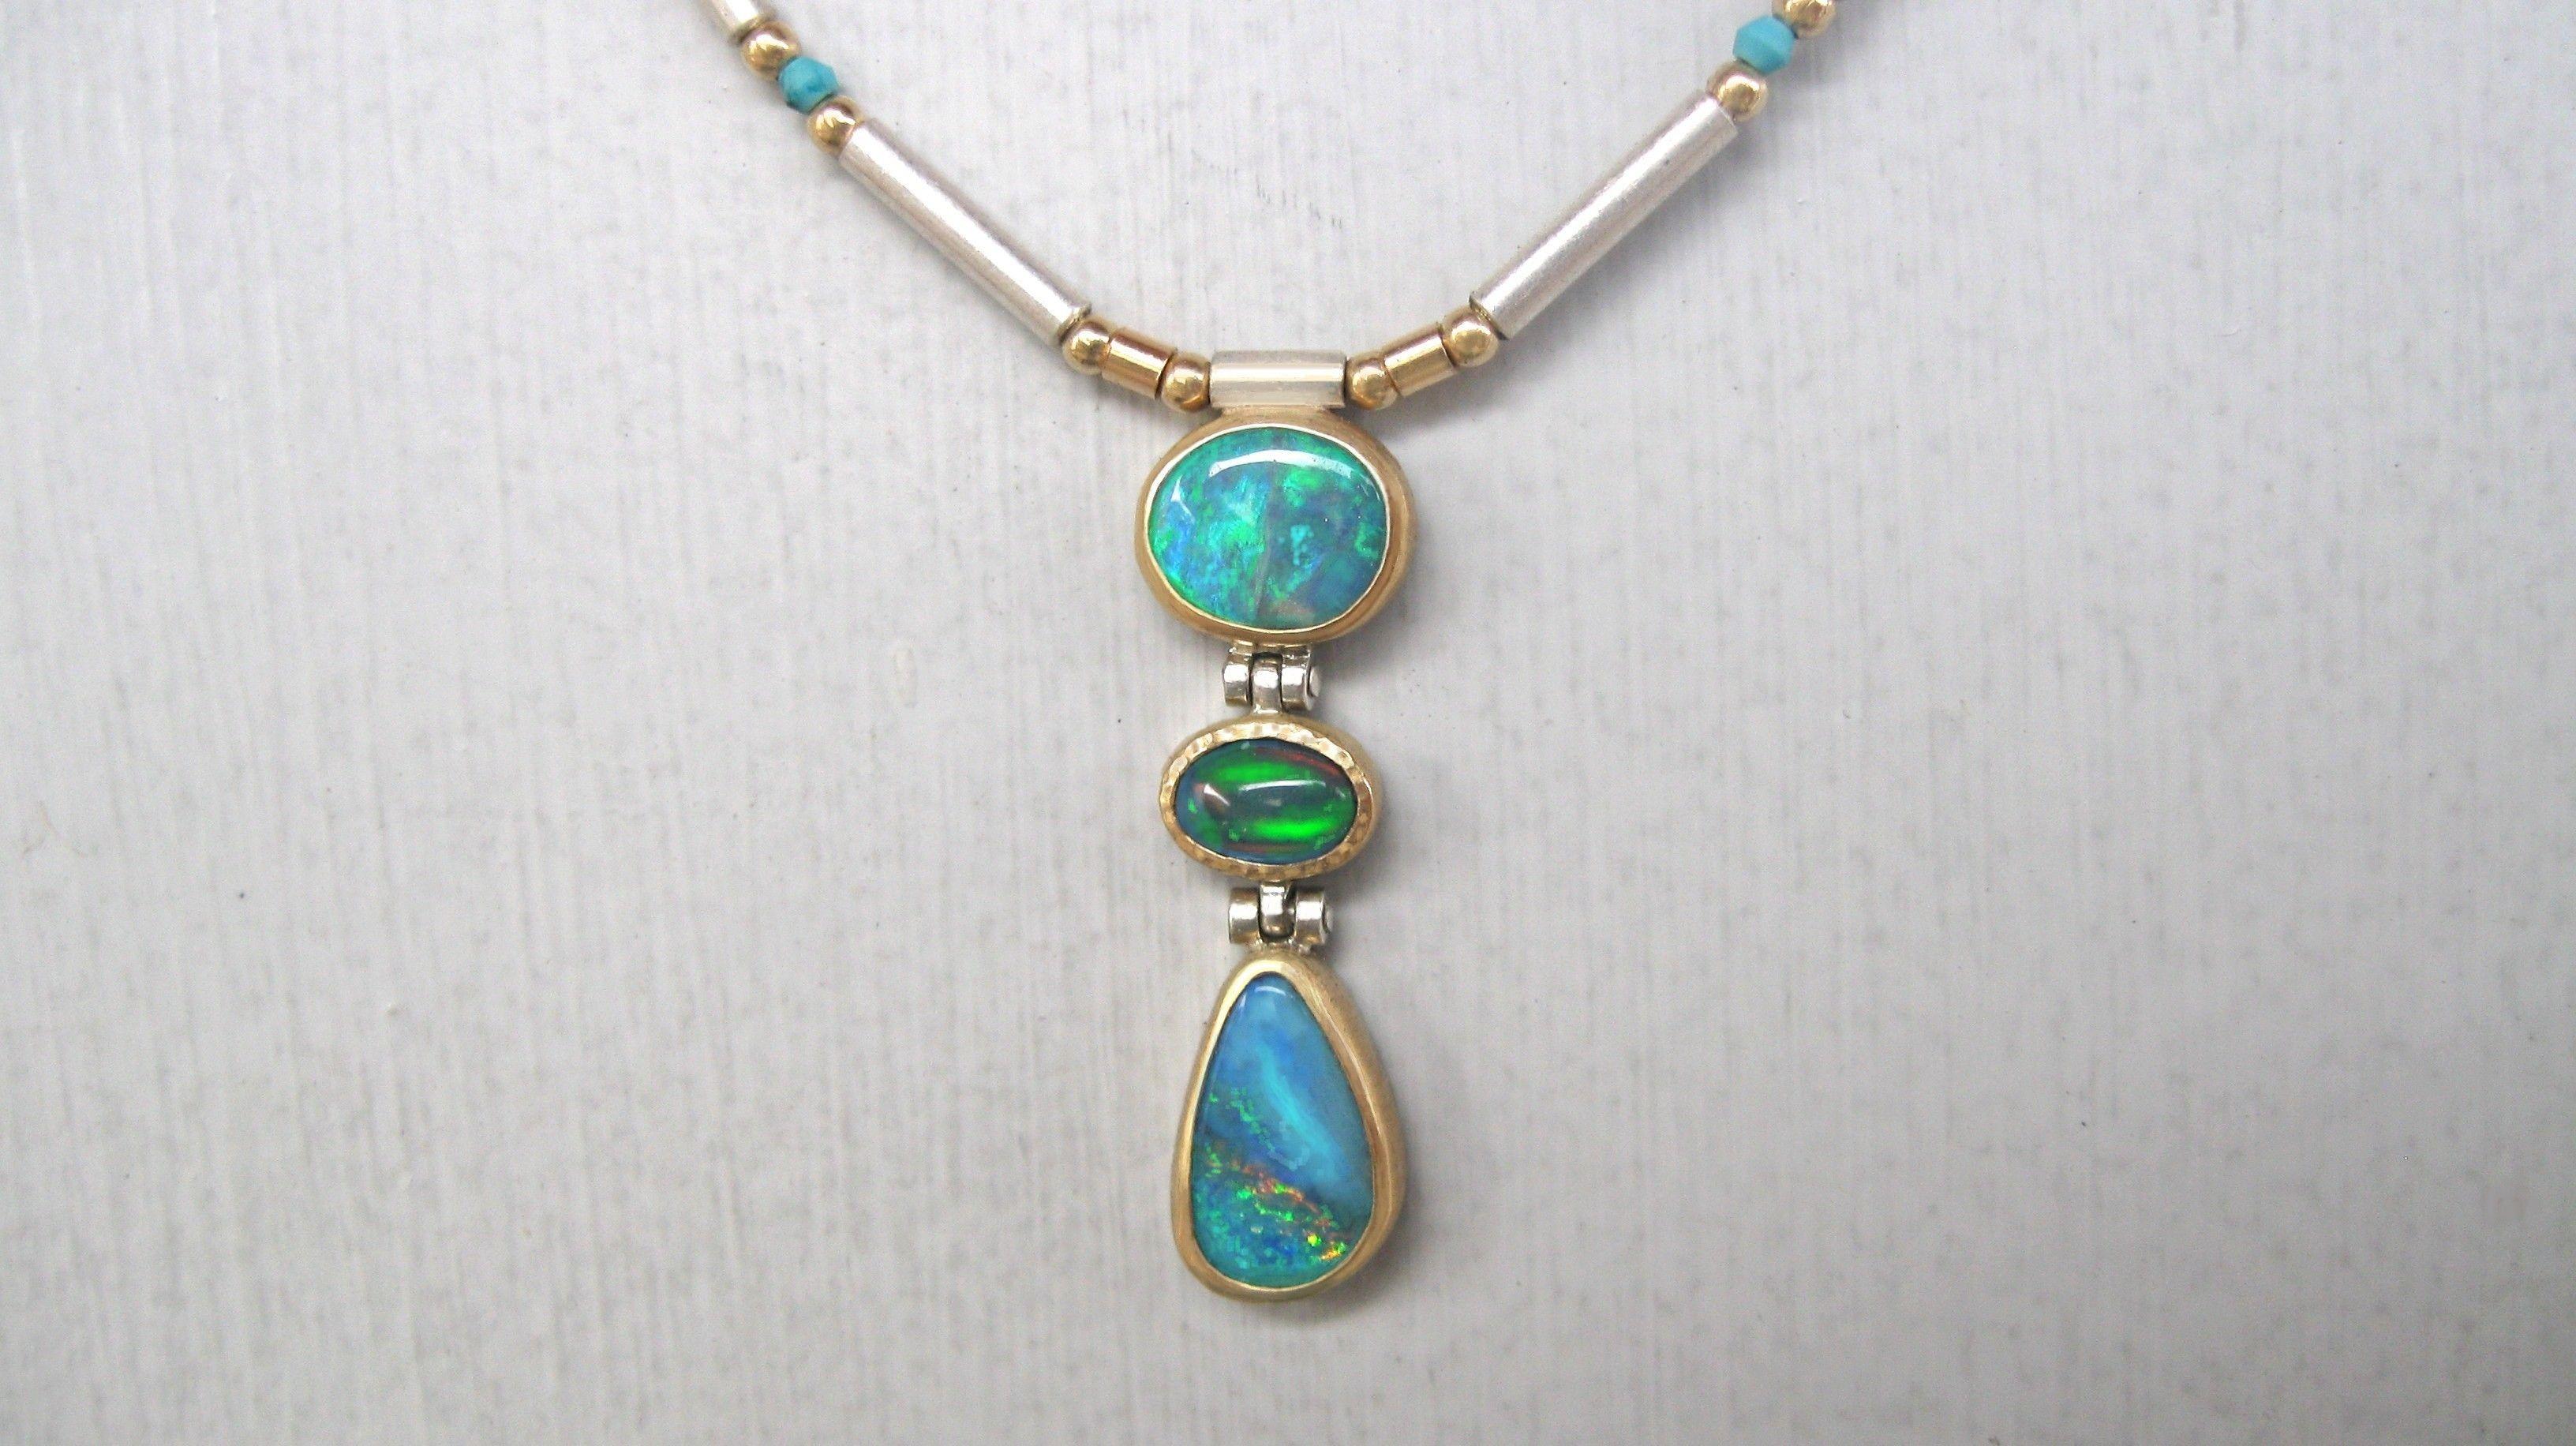 Opalkette mit Gold und Silber